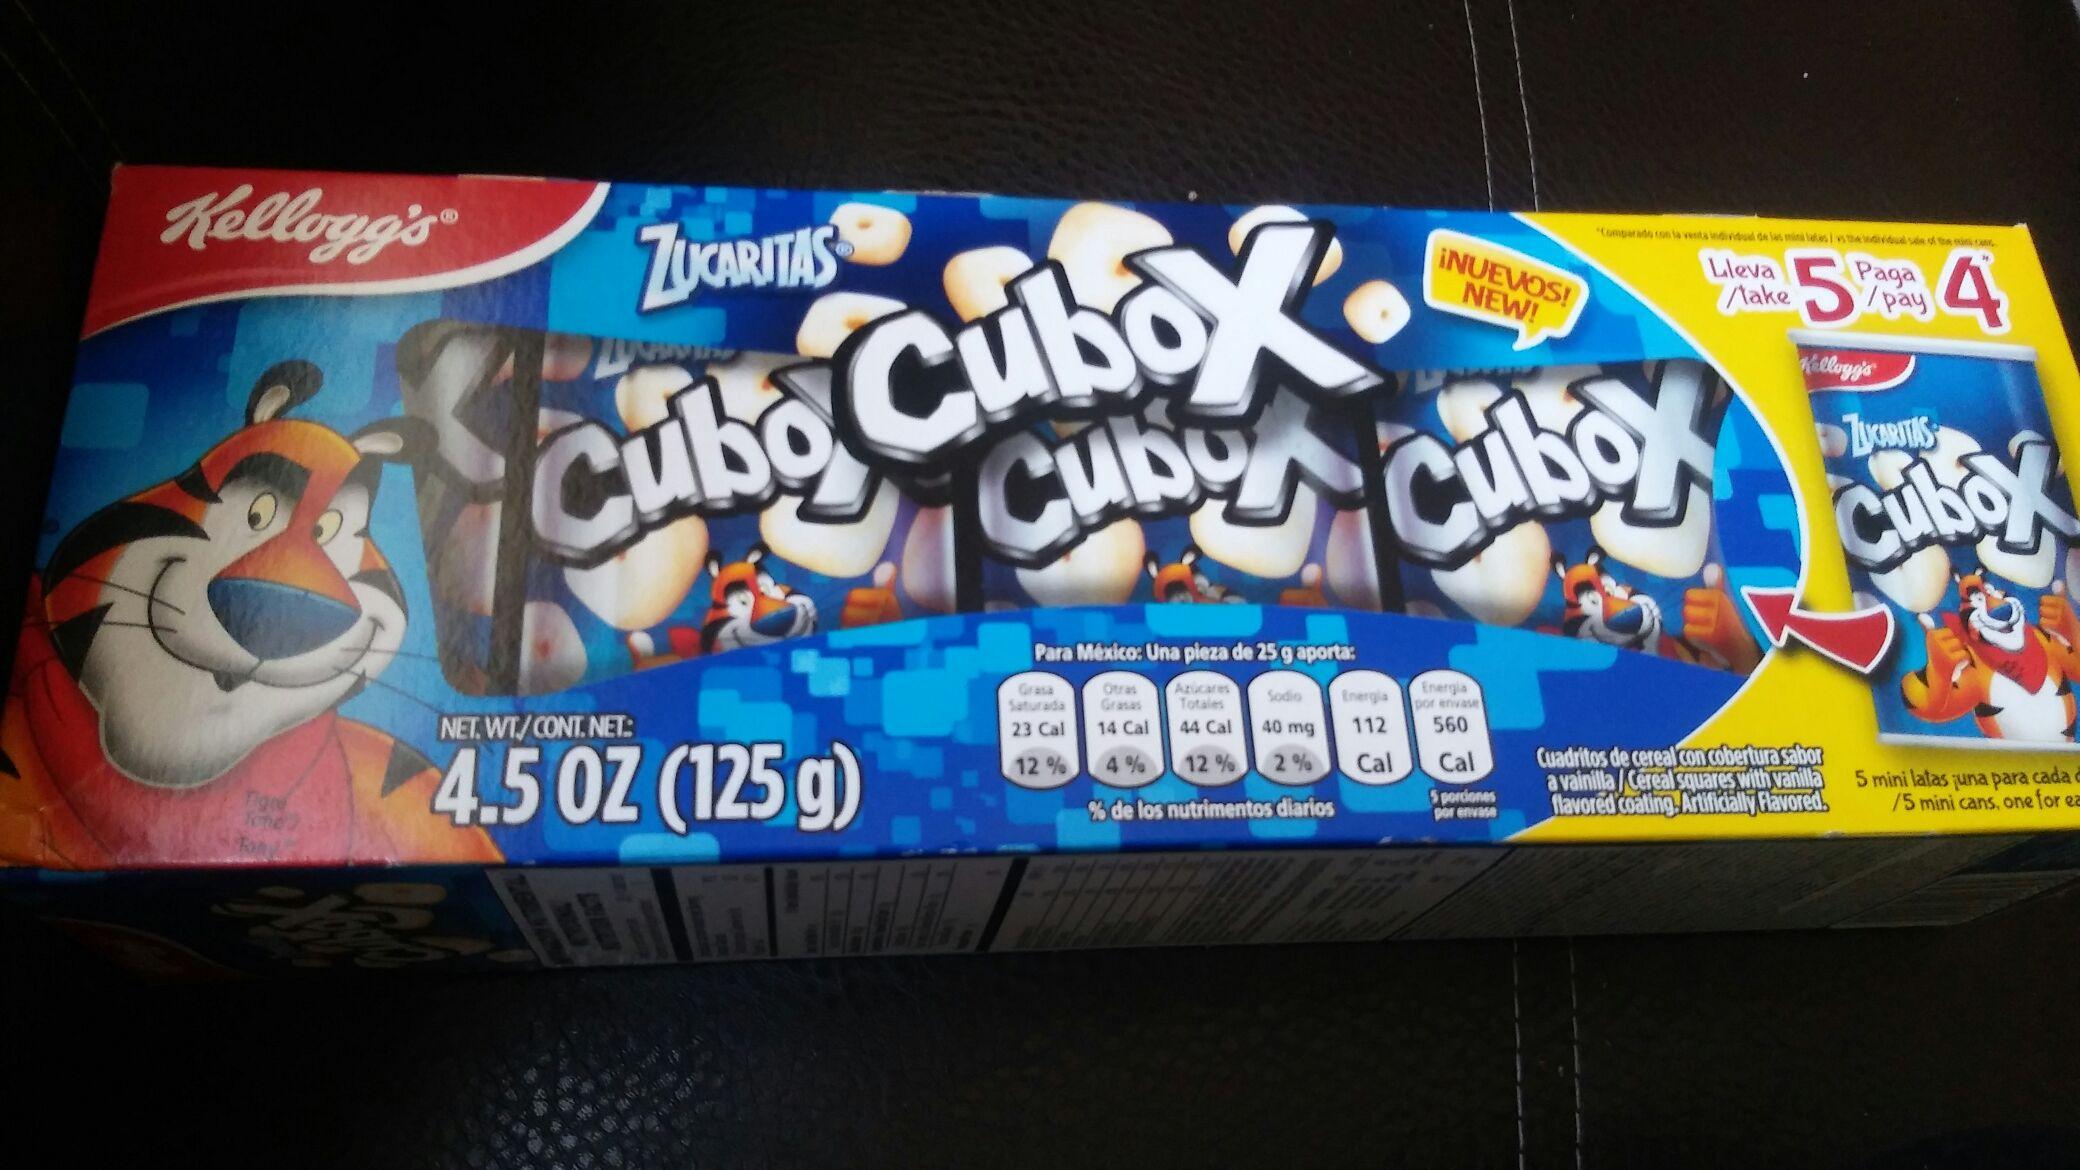 Walmart: Cubox zucaritas